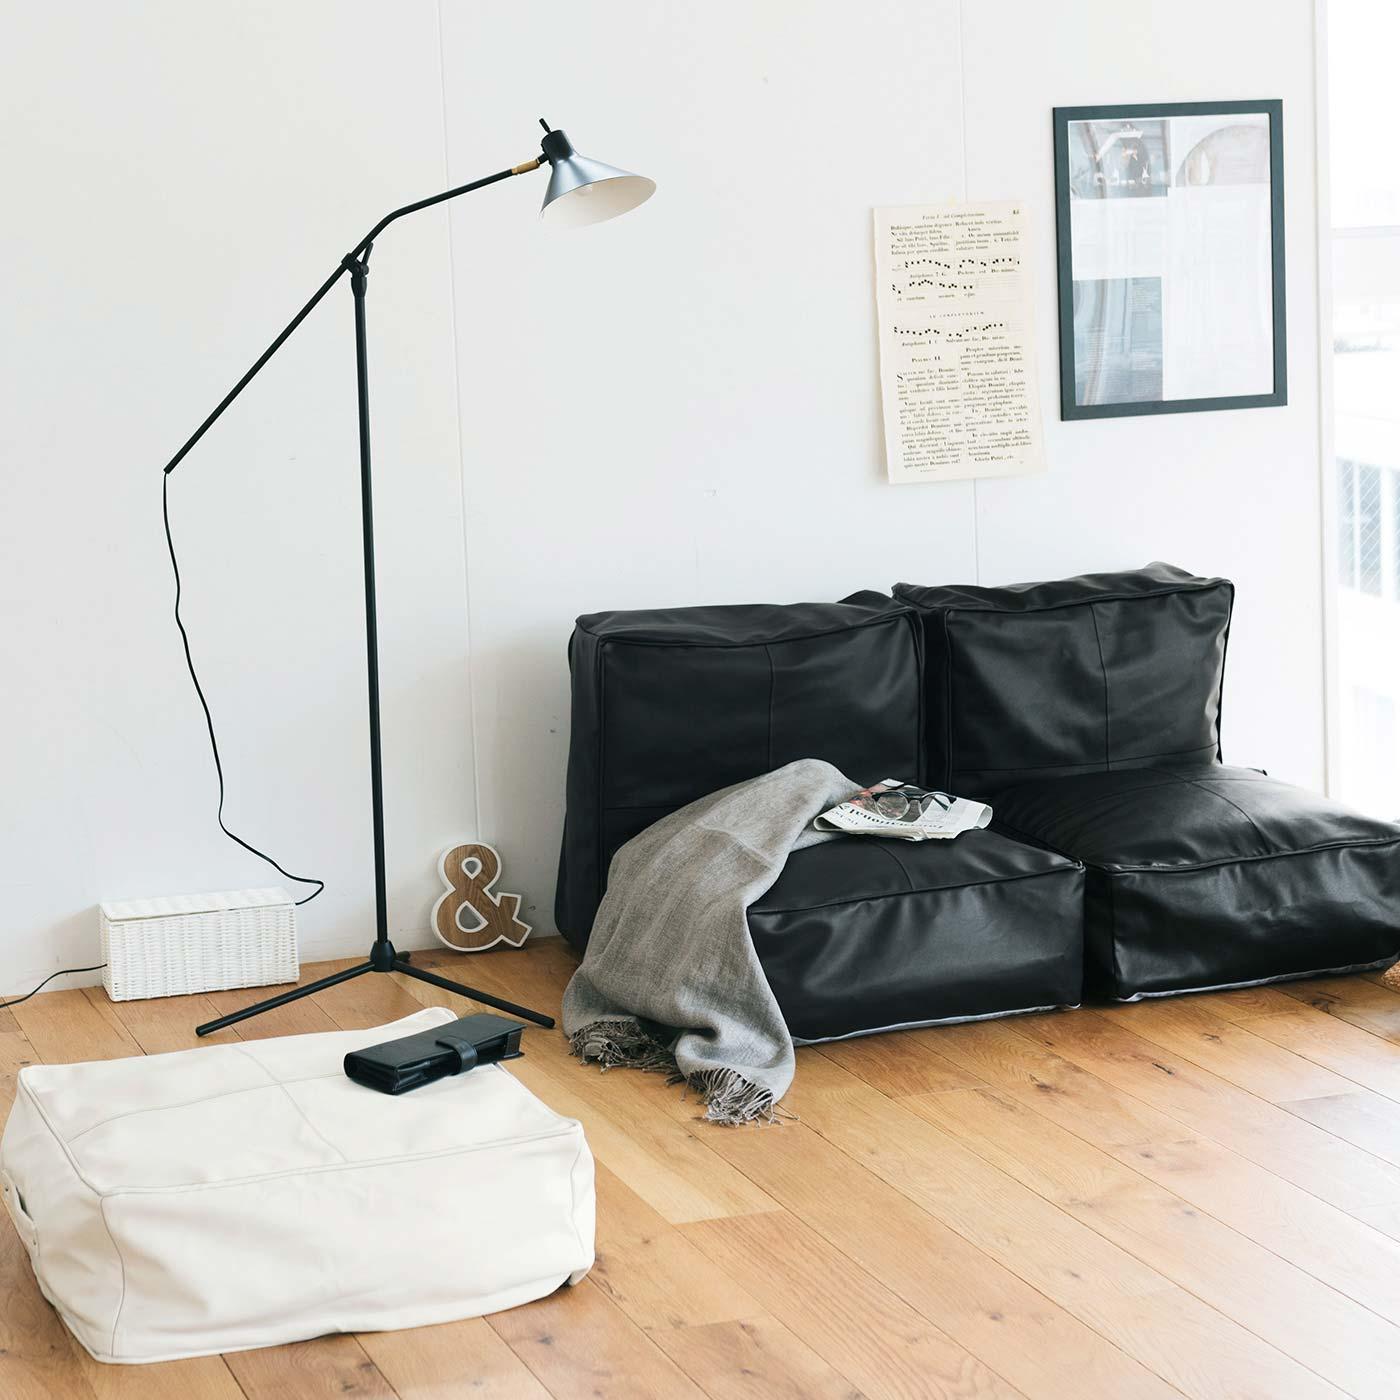 布団や毛布を収納したクッションをソファのようにレイアウト。